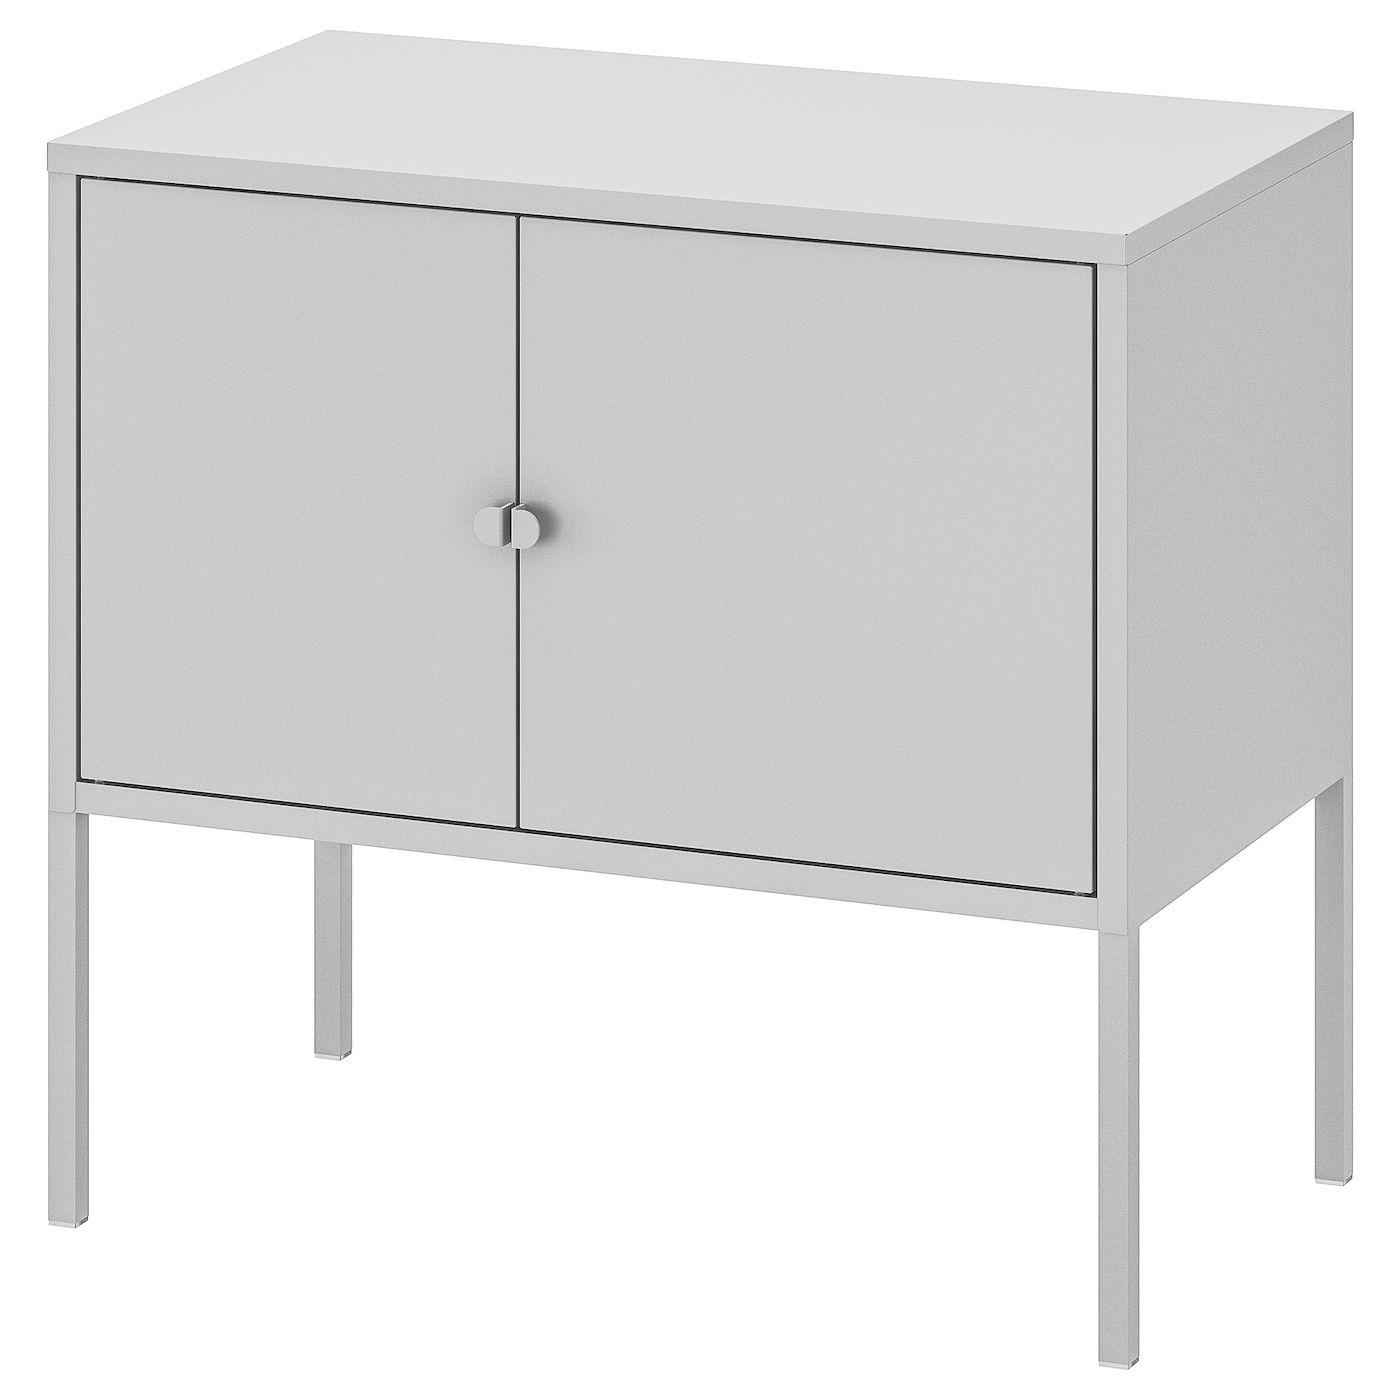 Lixhult Schrank Metall Grau Ikea Osterreich Metallschrank